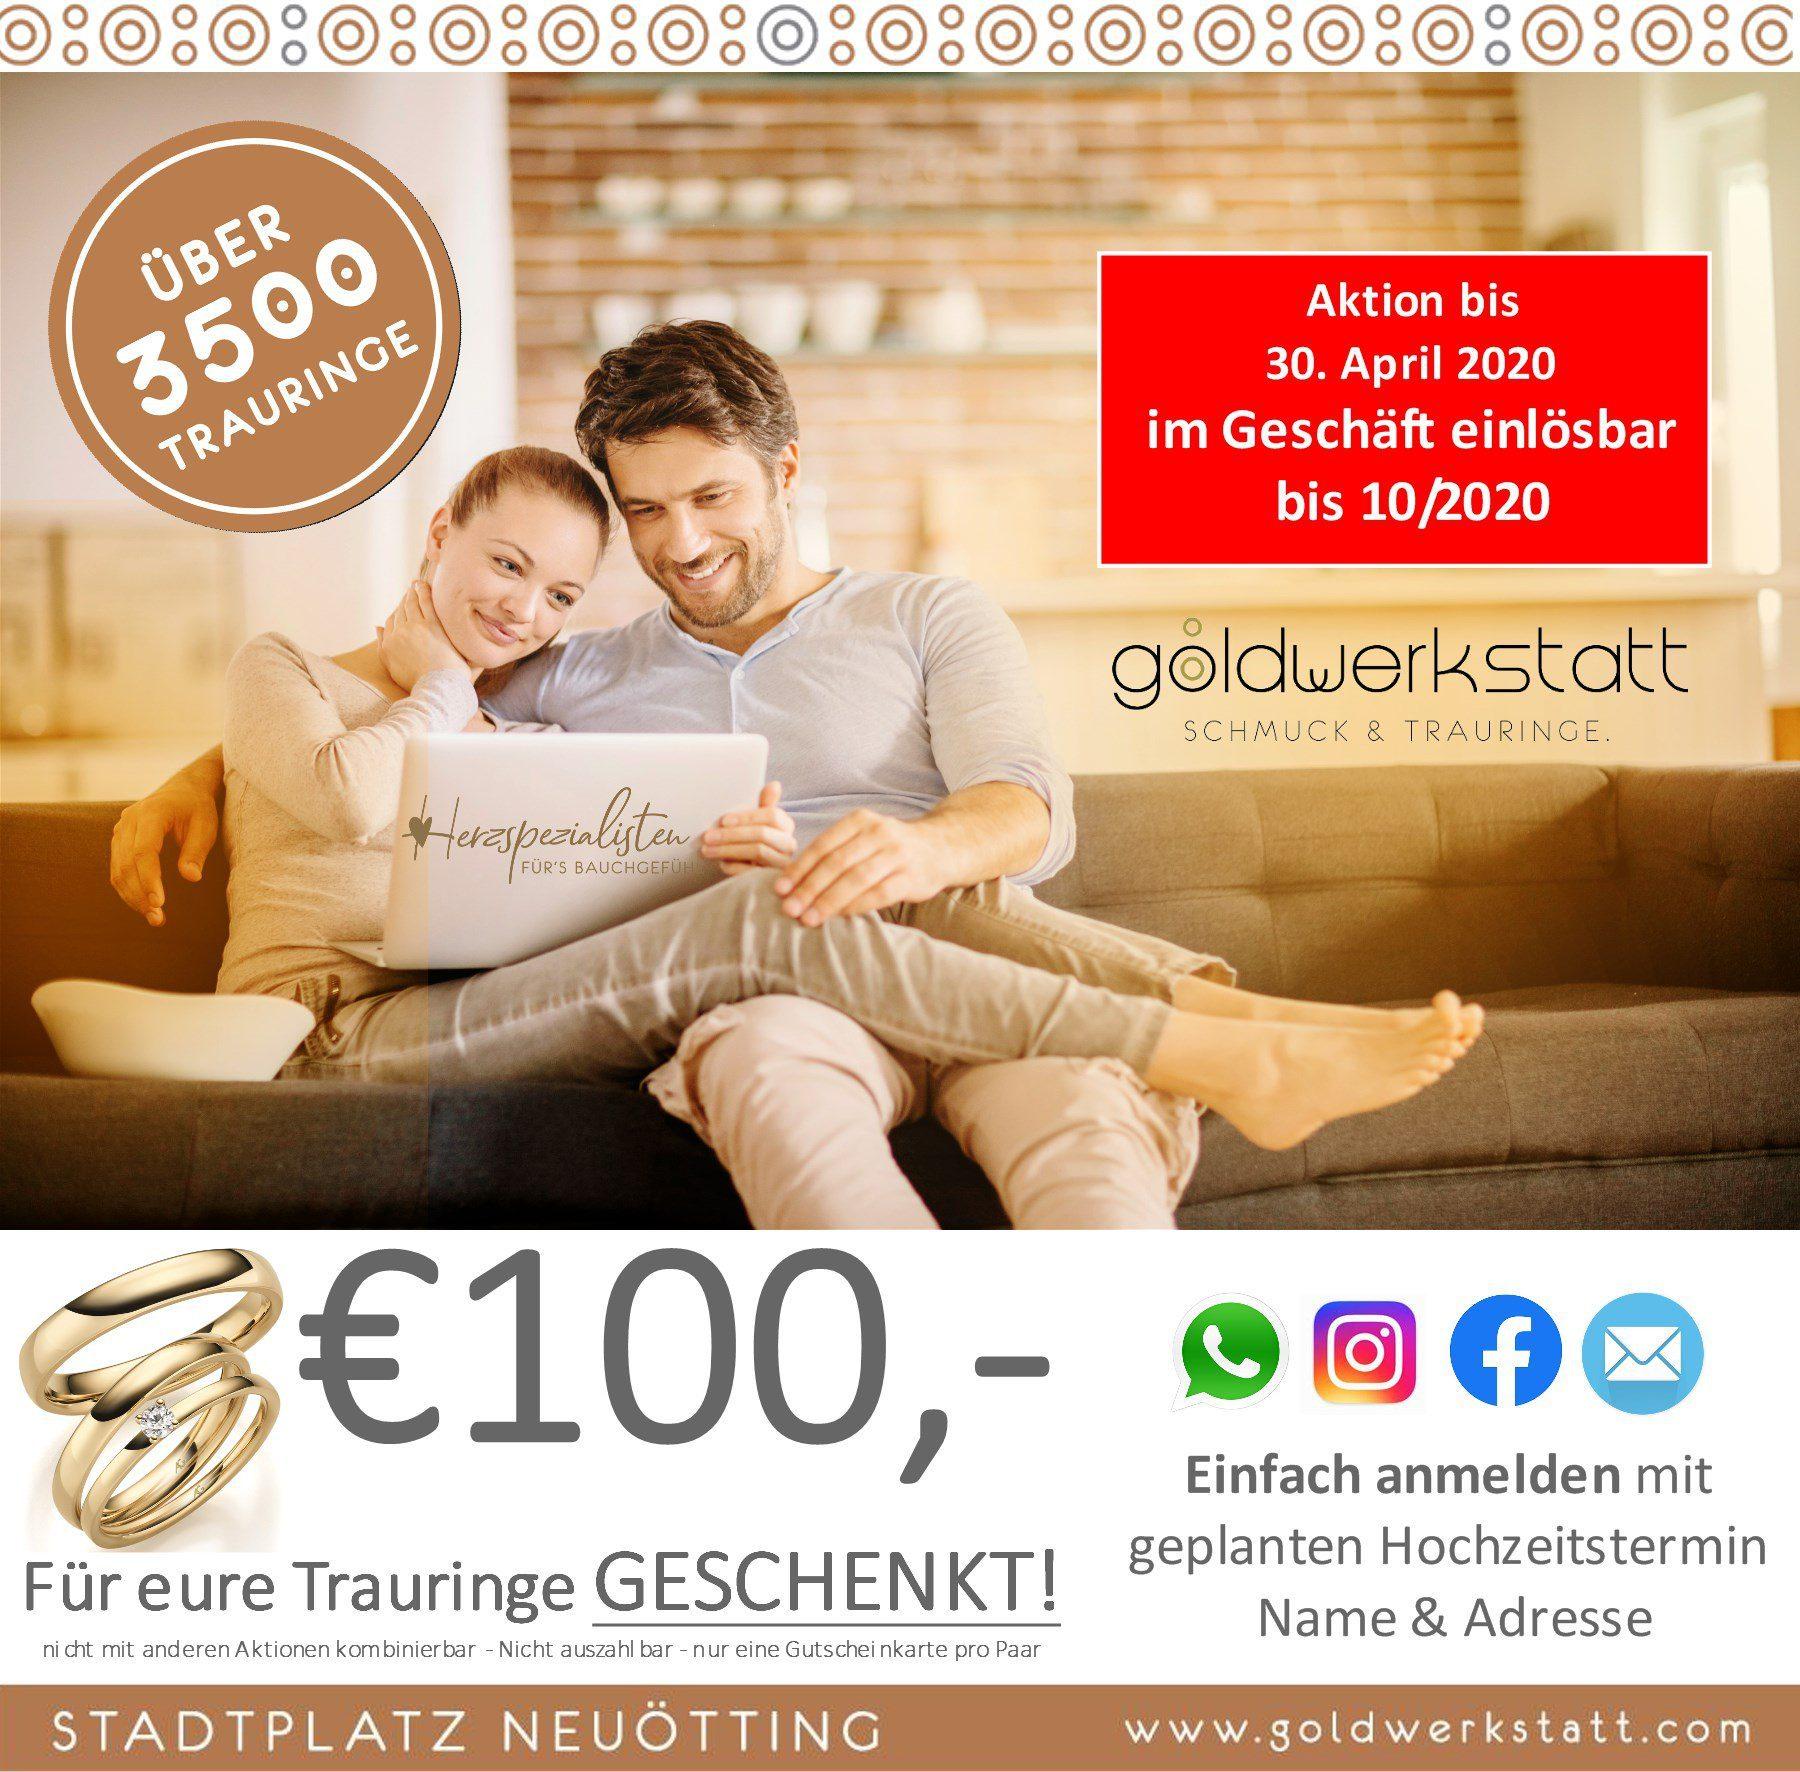 € 100,- für Trauringe geschenkt